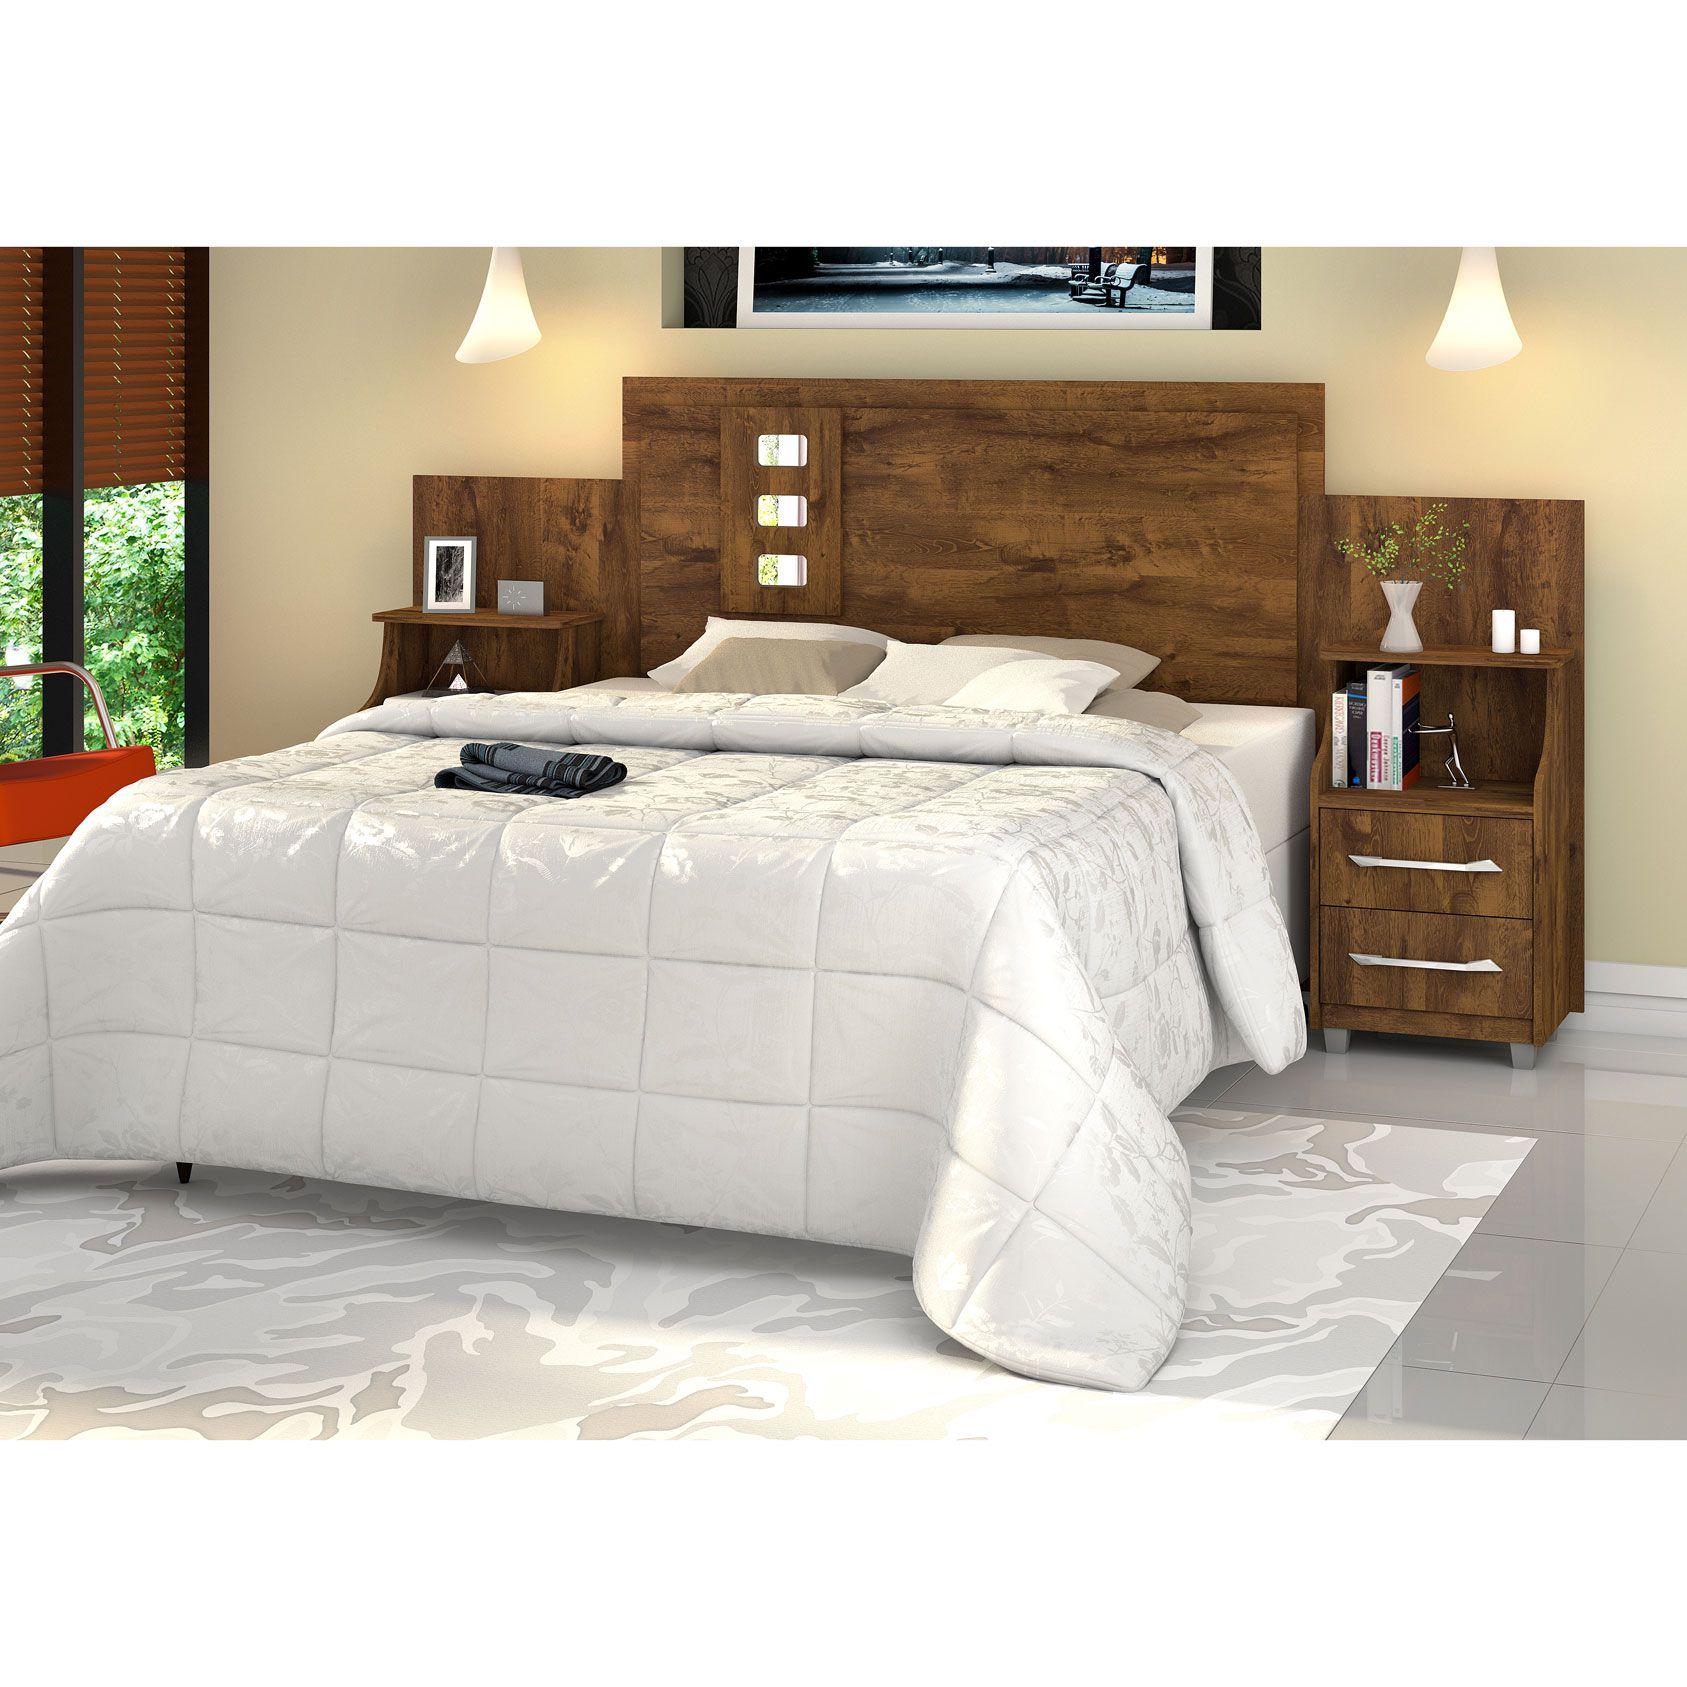 Cabeceira para cama Casal/Queen/King com Criados Flórida